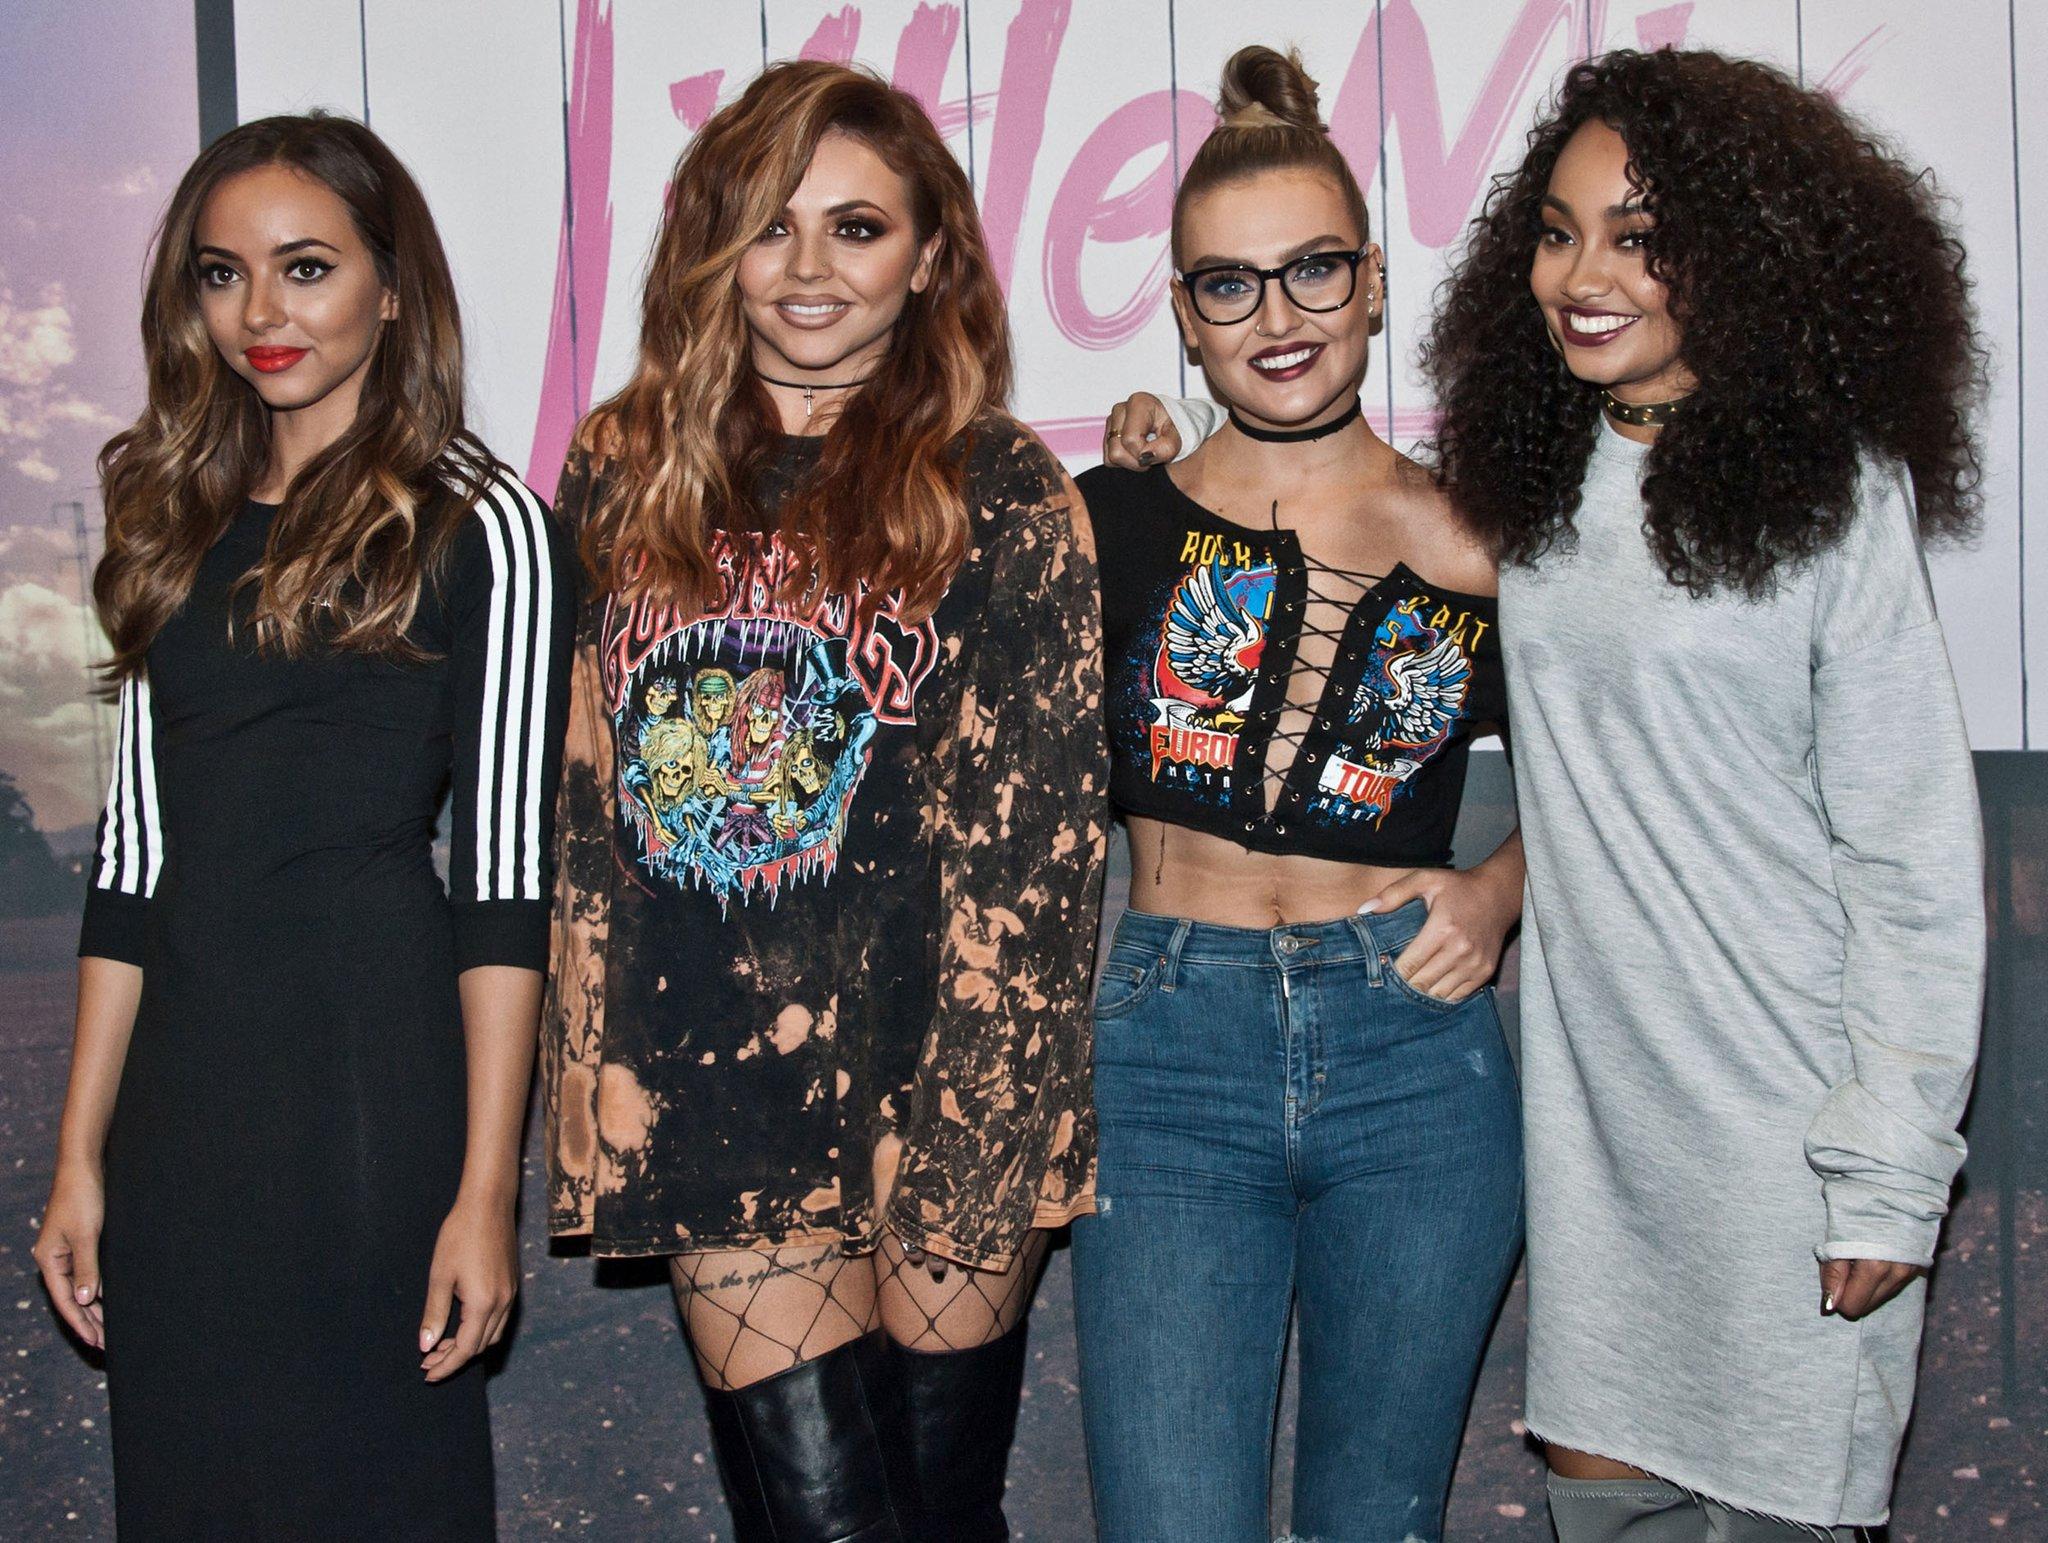 RT jeśli jesteś uważasz, że Little Mix zasługują na więcej uznania!   #7YearsOfLittleMix https://t.co/IWA2wWHEWO